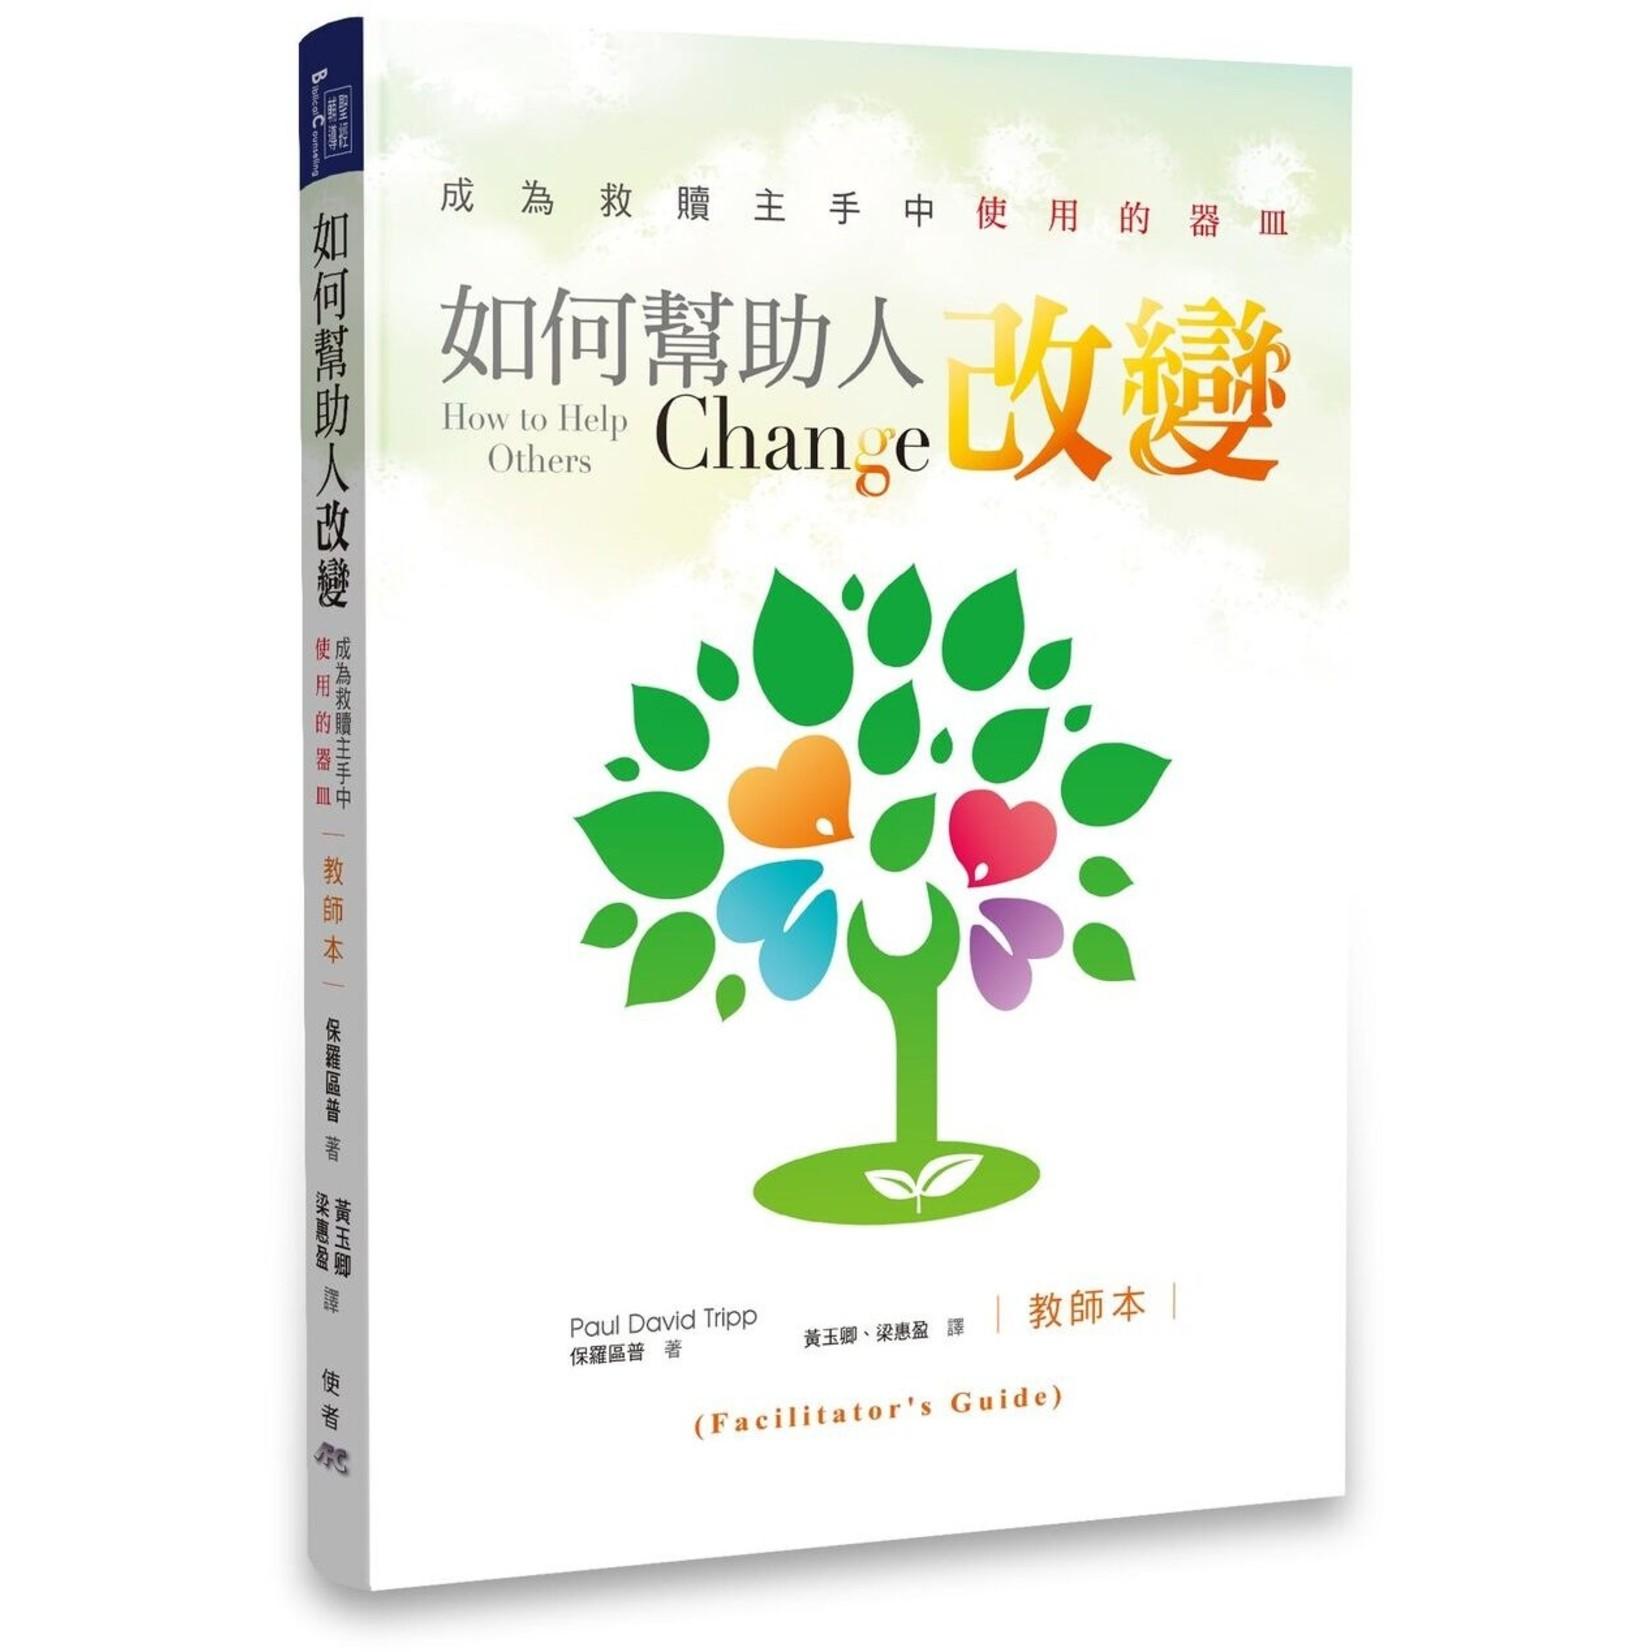 基督使者協會 Ambassadors for Christ 如何幫助人改變(教師本) Instruments In the Redeemer's Hand: How to Help Others Change (Facilitator Guide)